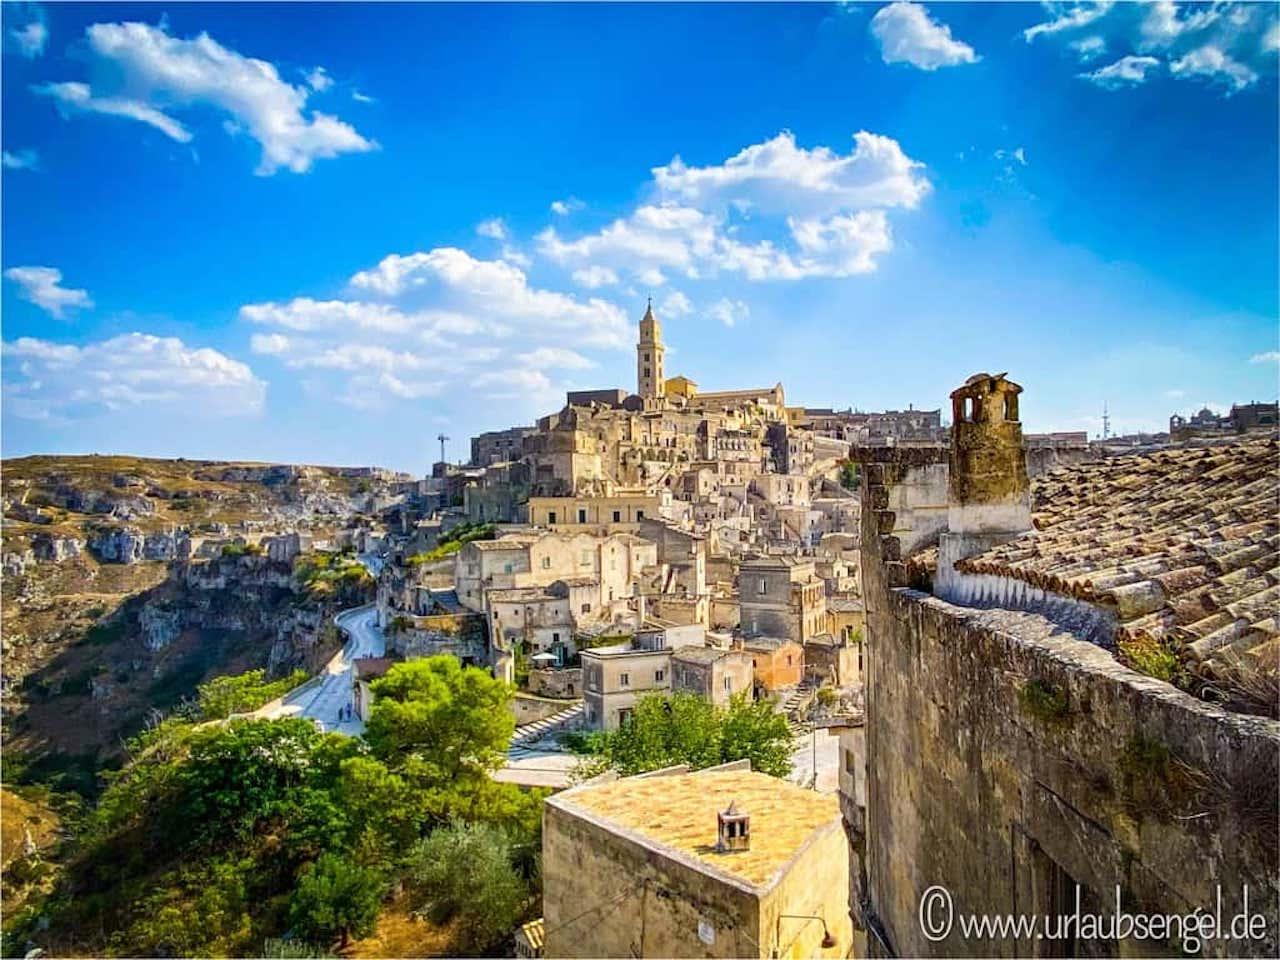 Blick auf die Altstadt Materas